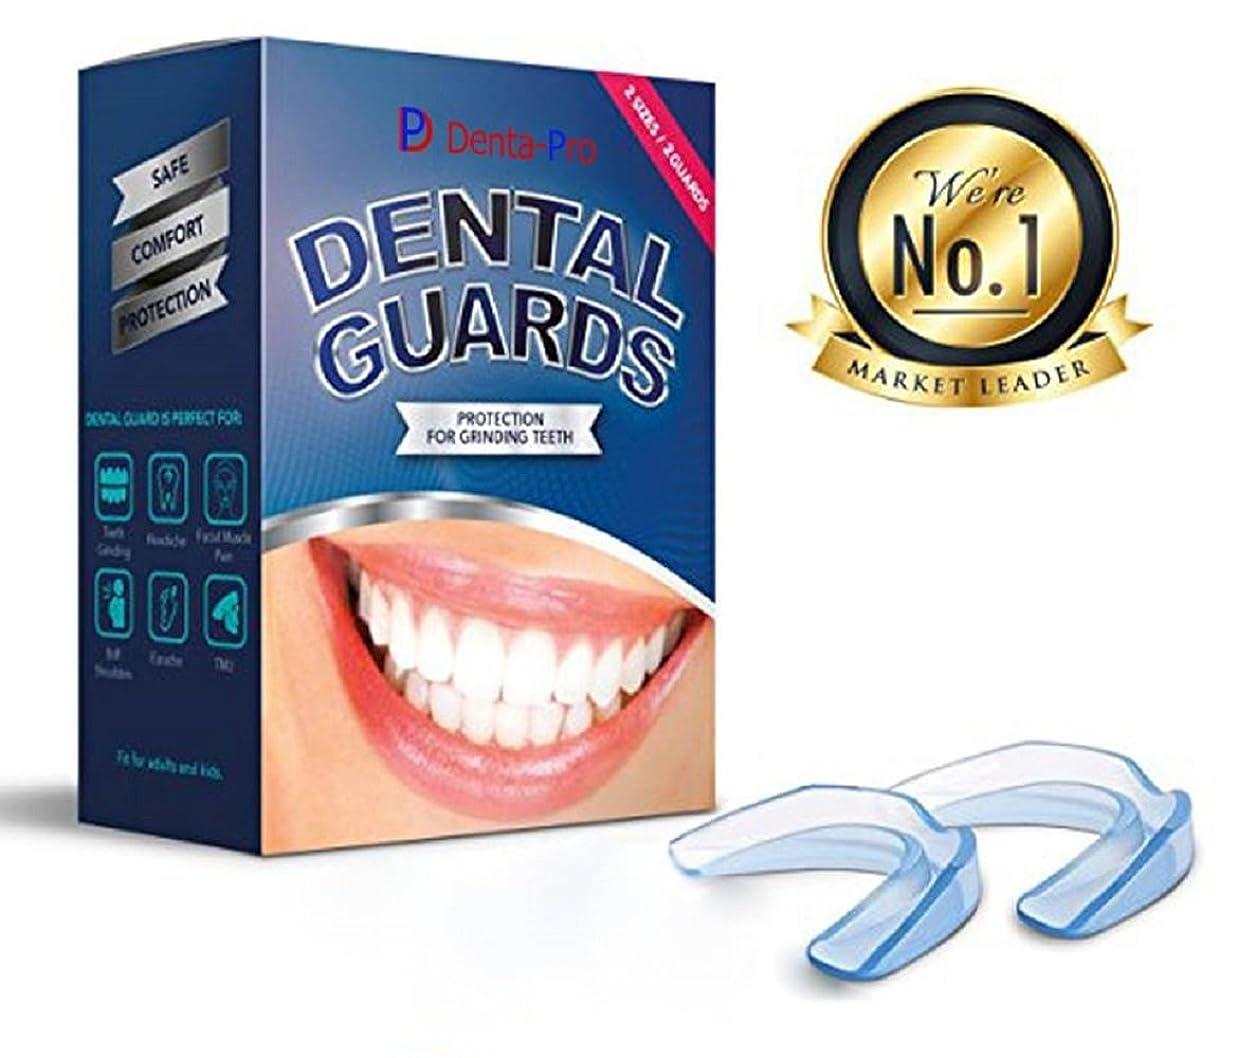 静脈制裁トマトDental-Pro 2個セット デンタルマウスピース マウスピース 噛み合わせ 歯ぎしり いびき 防止 予防 歯列矯正 歯並び 矯正